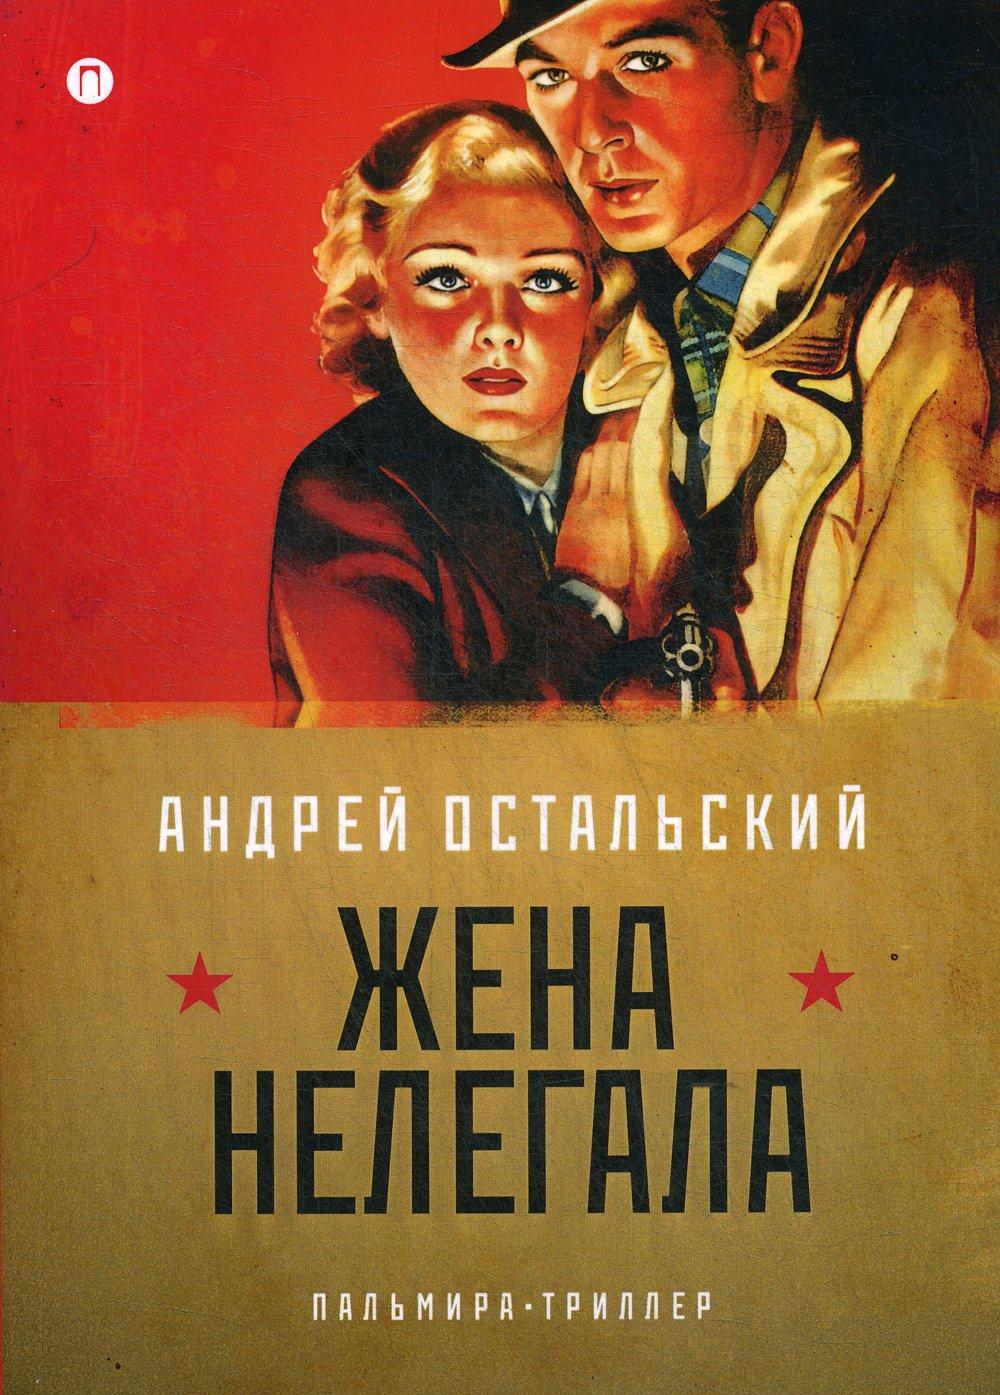 Остальский Андрей Всеволодович Жена нелегала: роман